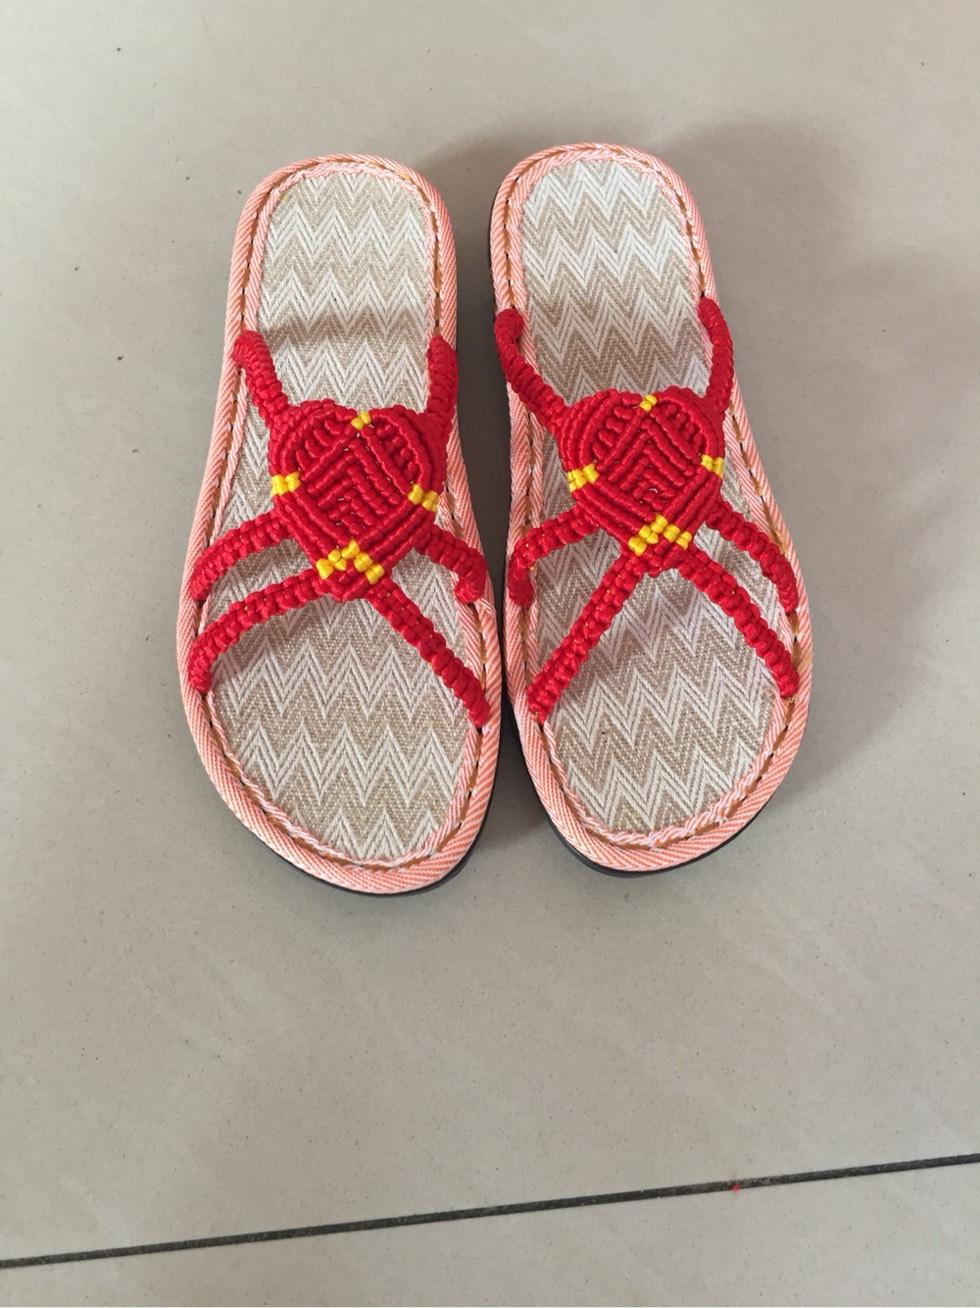 中国结论坛 为什么我编的鞋会磨脚  作品展示 215011szogcwcmv8qw89qw